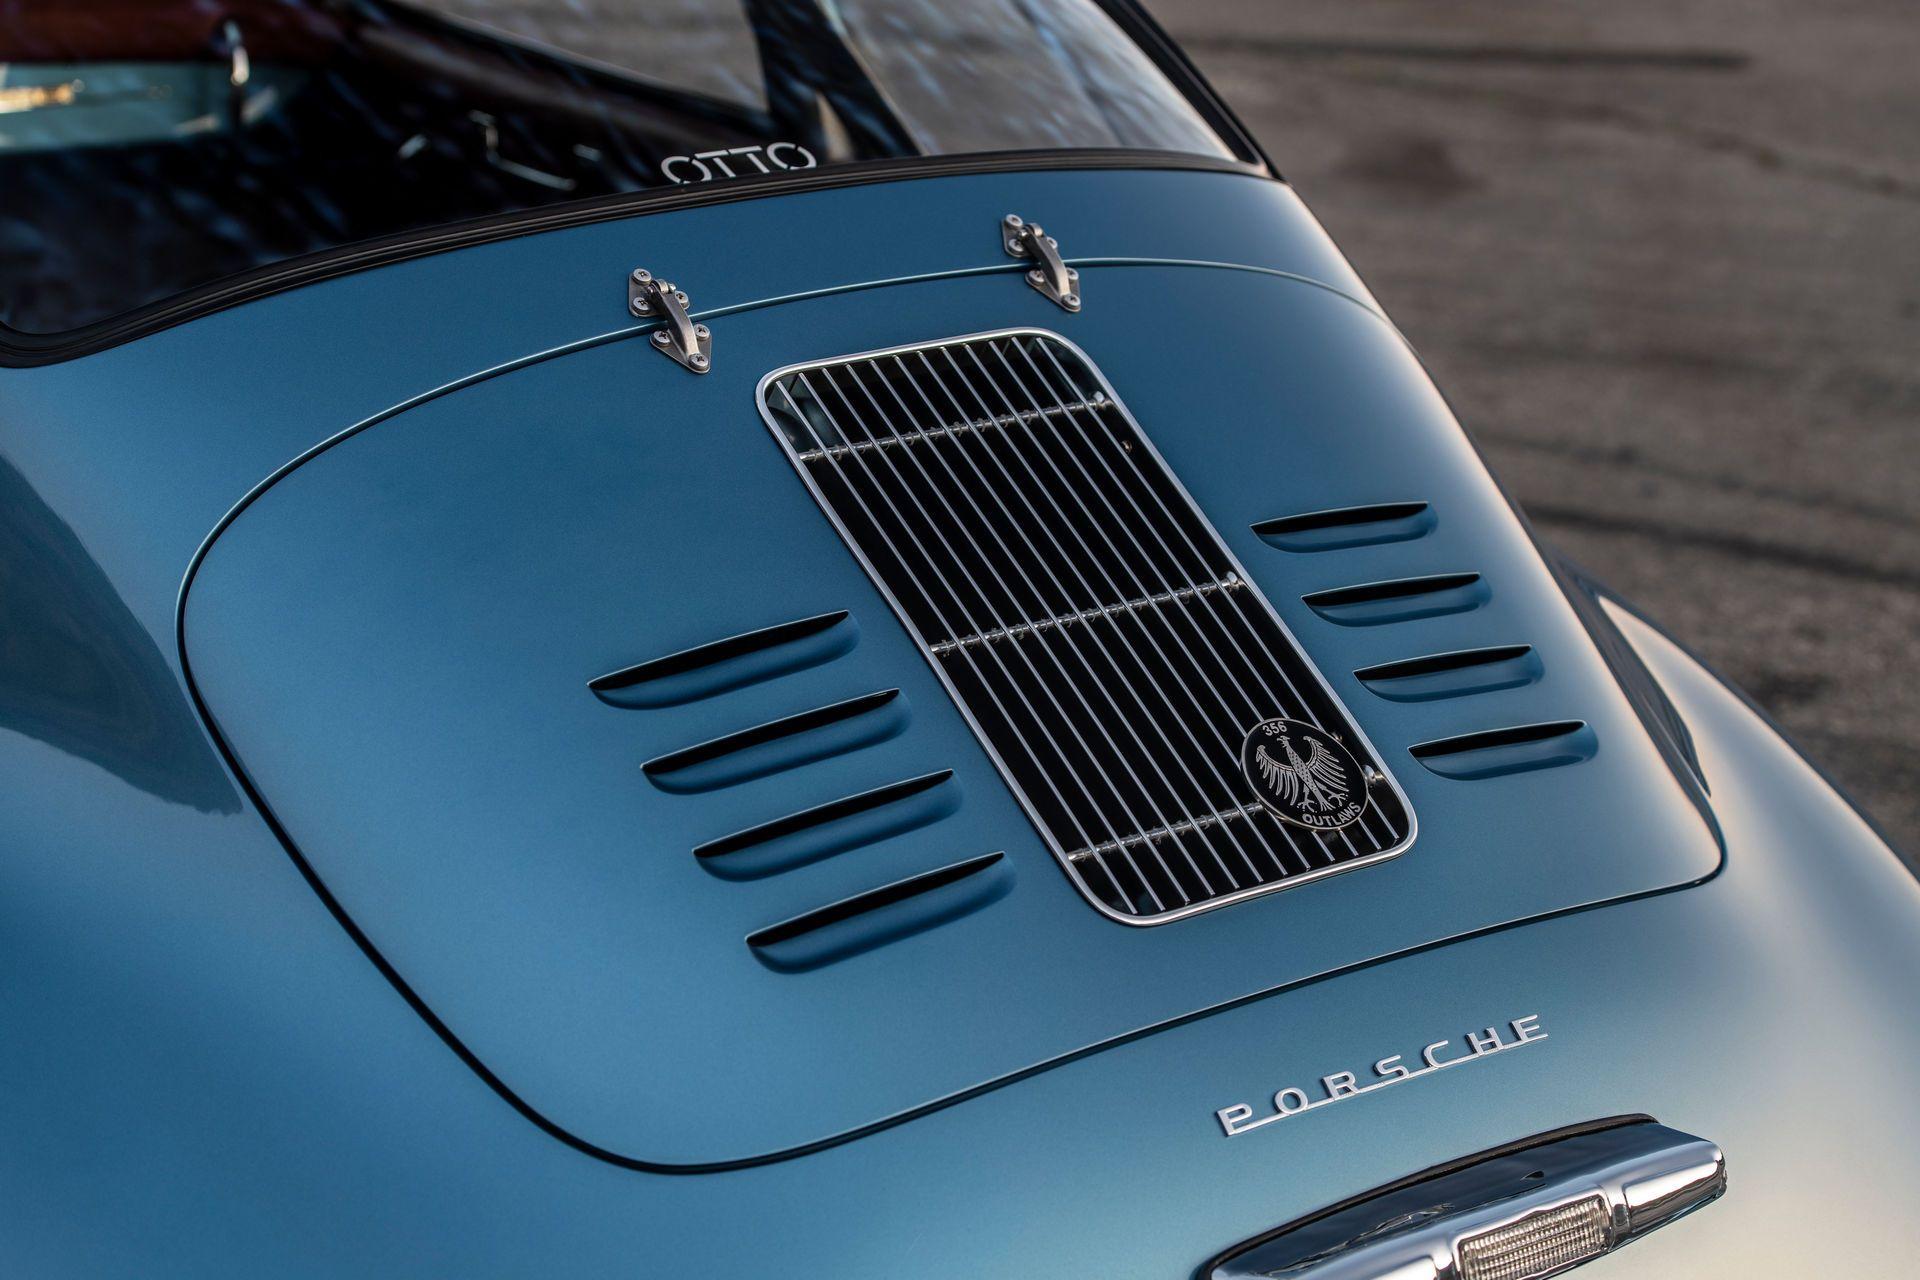 Porsche-356-A-Coupe-Restomod-Emory-Motorsports-43